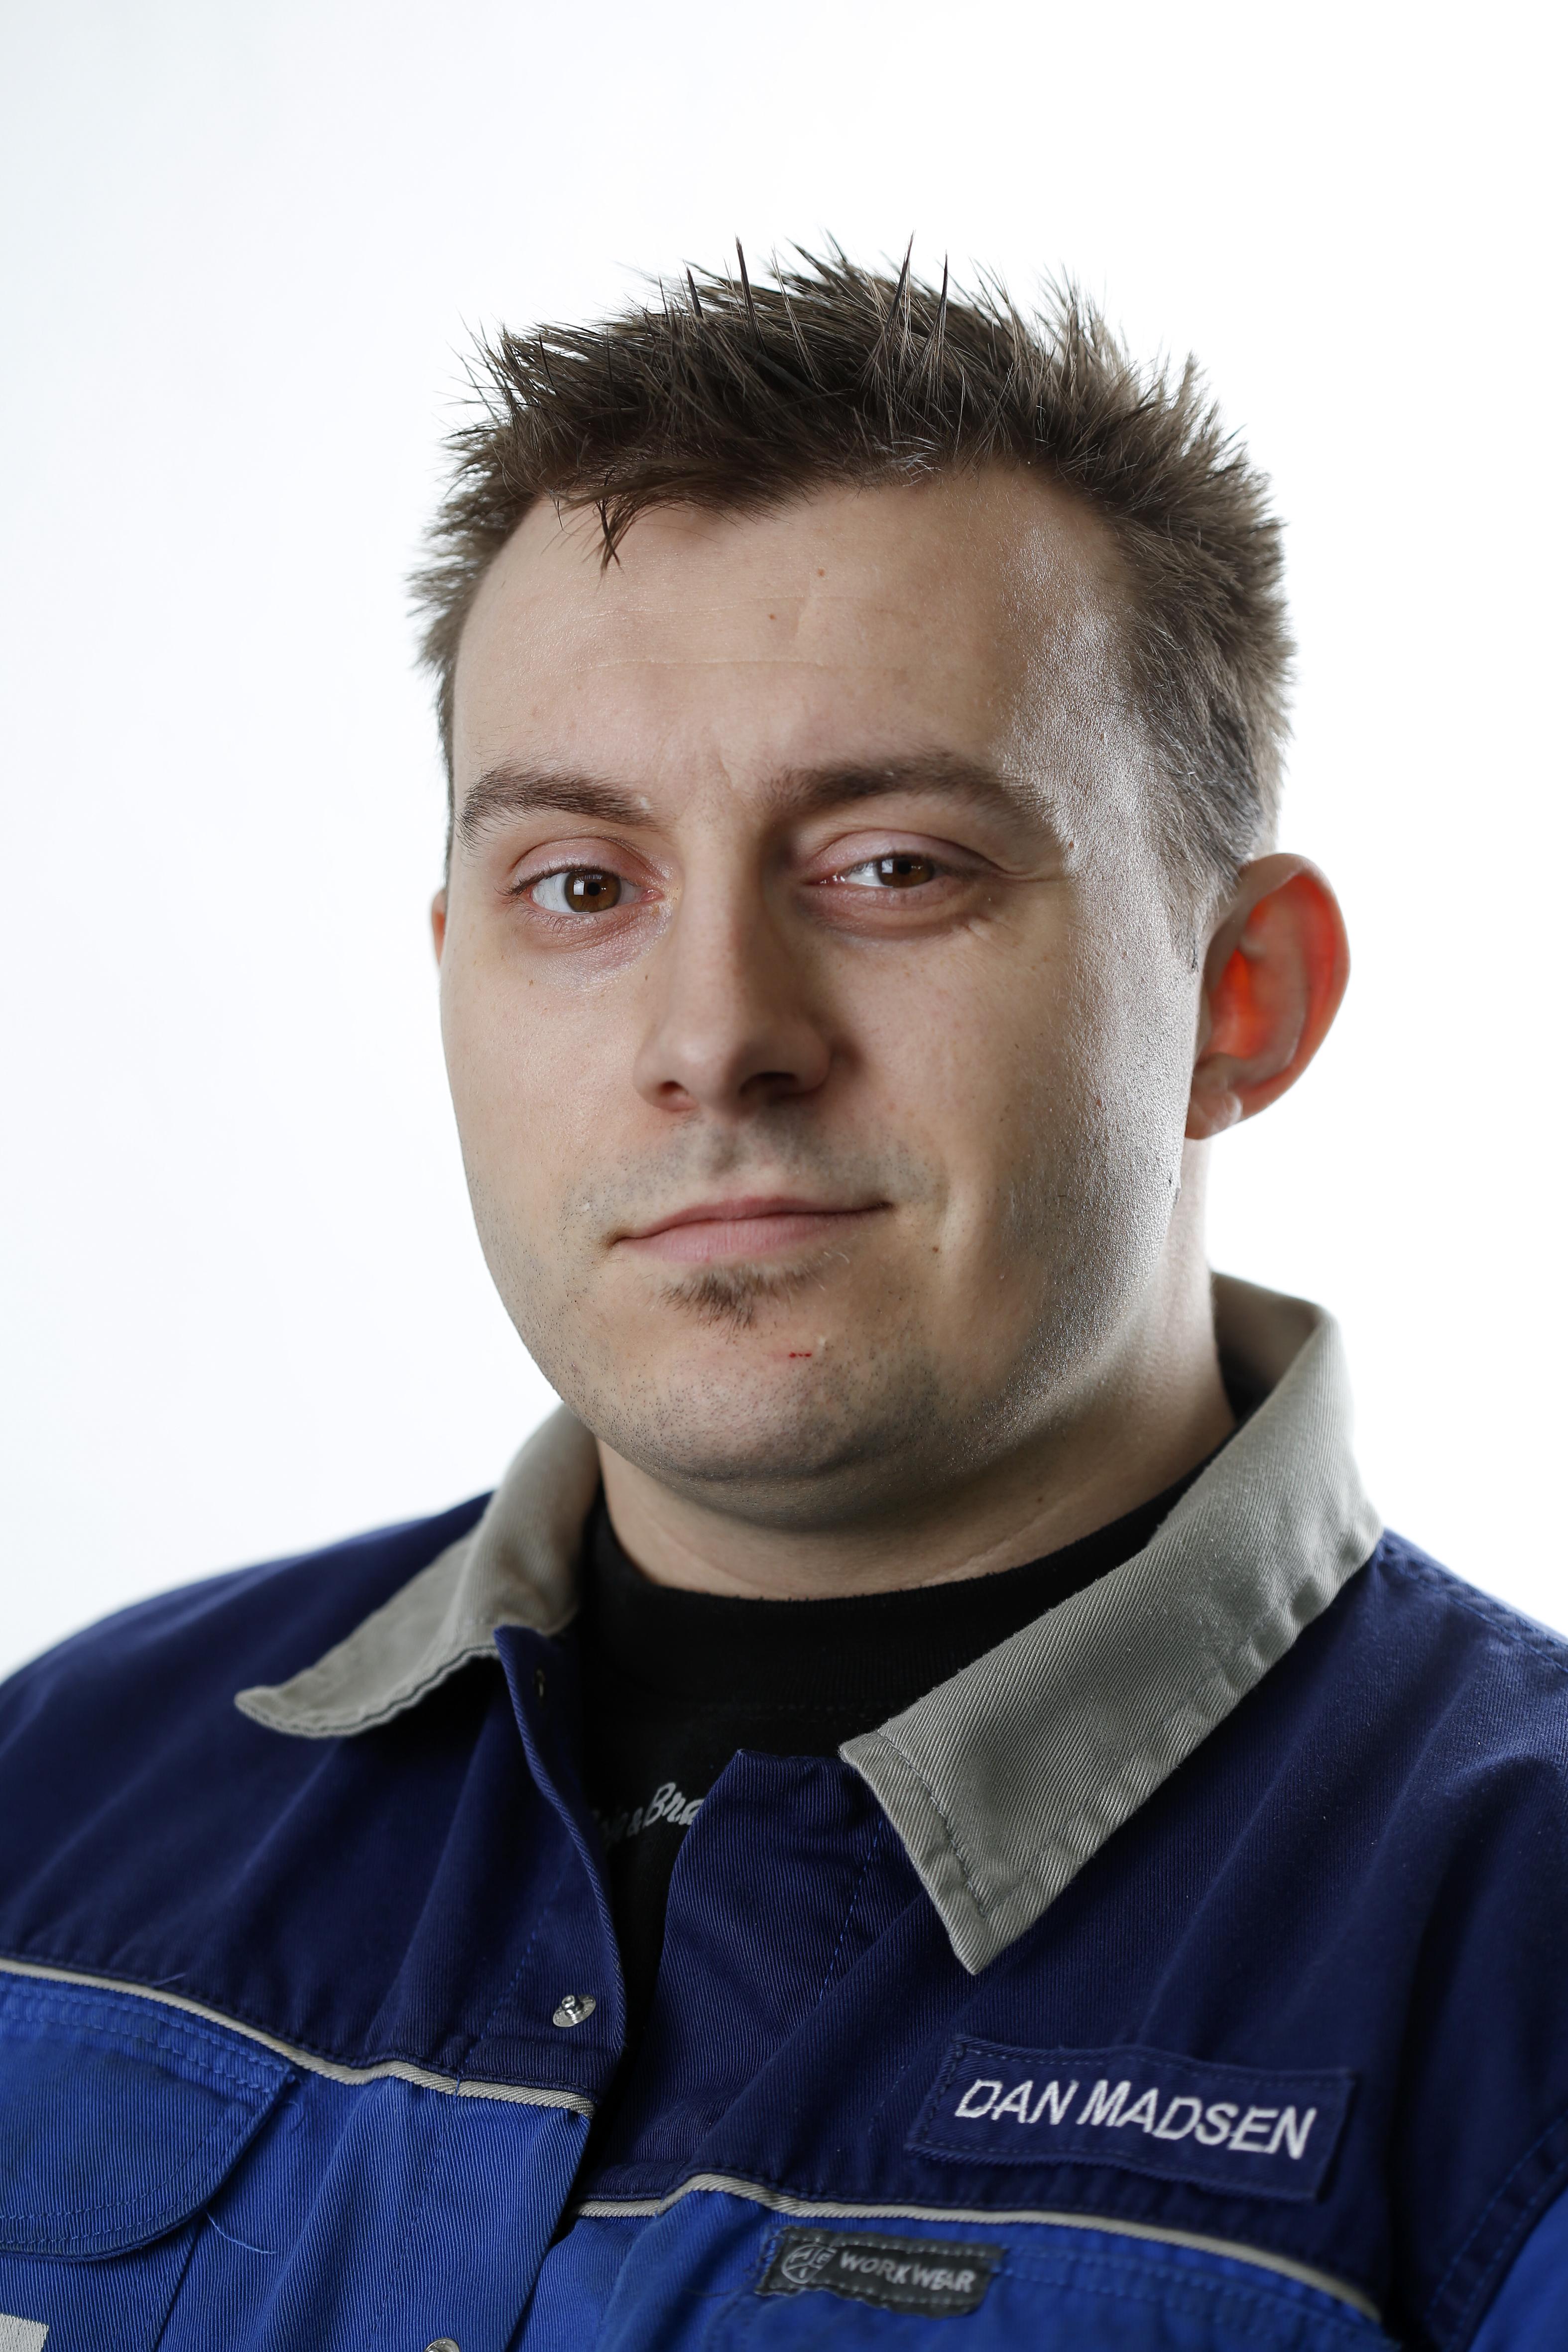 Dan Madsen